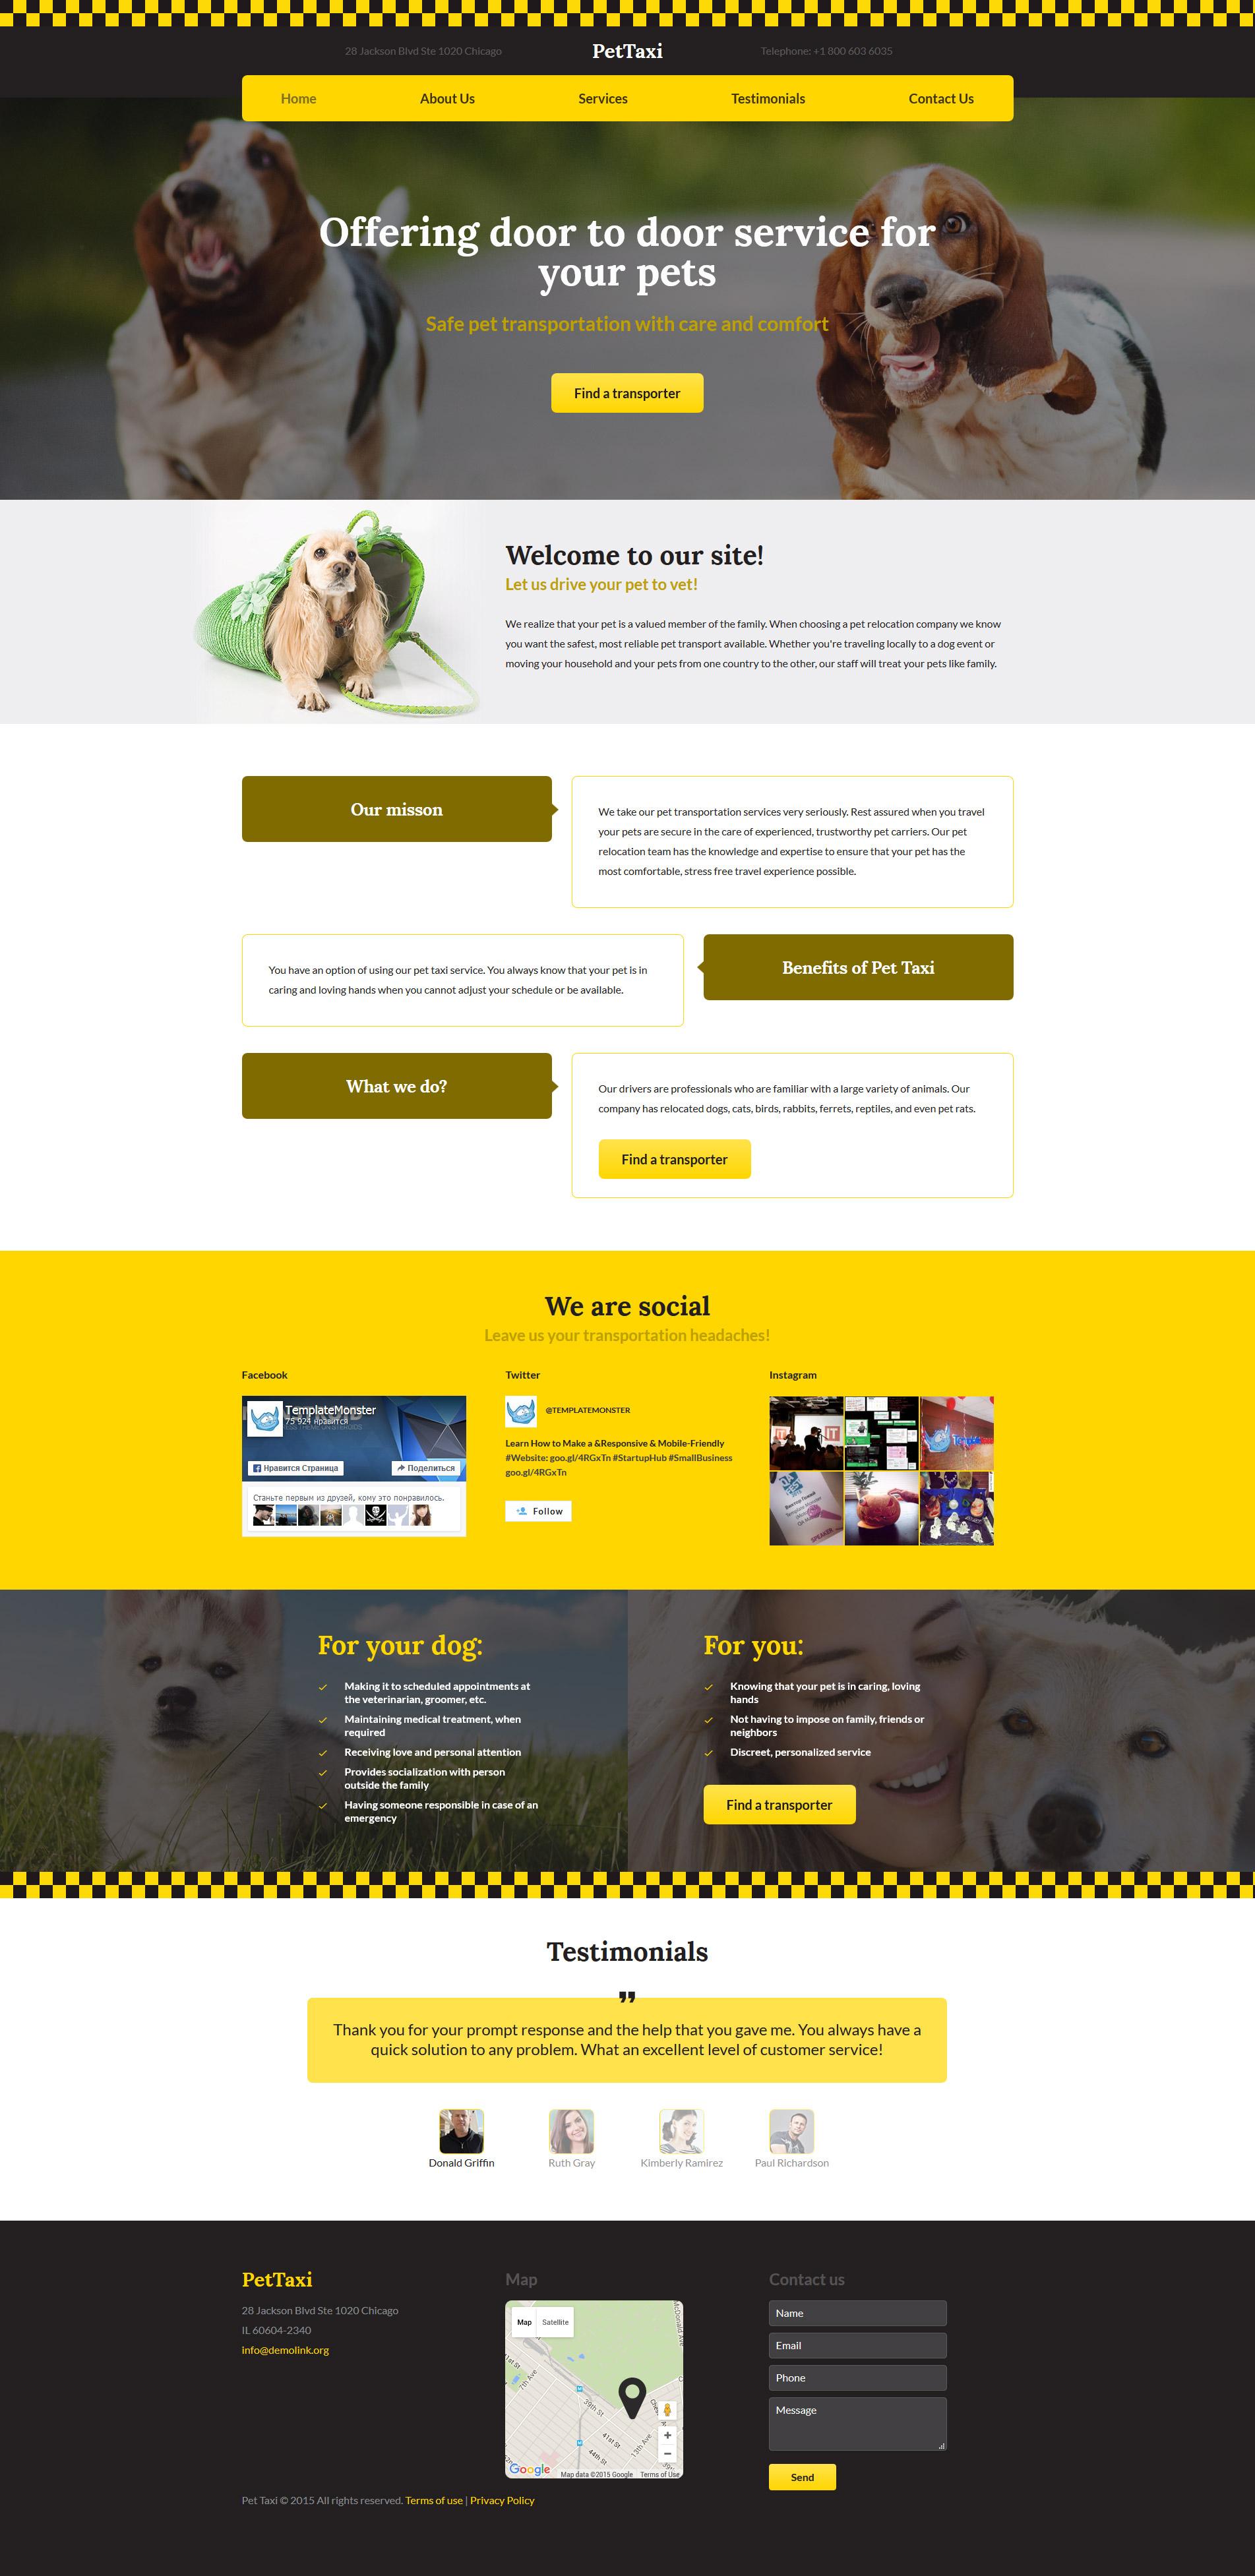 PetTaxi Website Template - screenshot